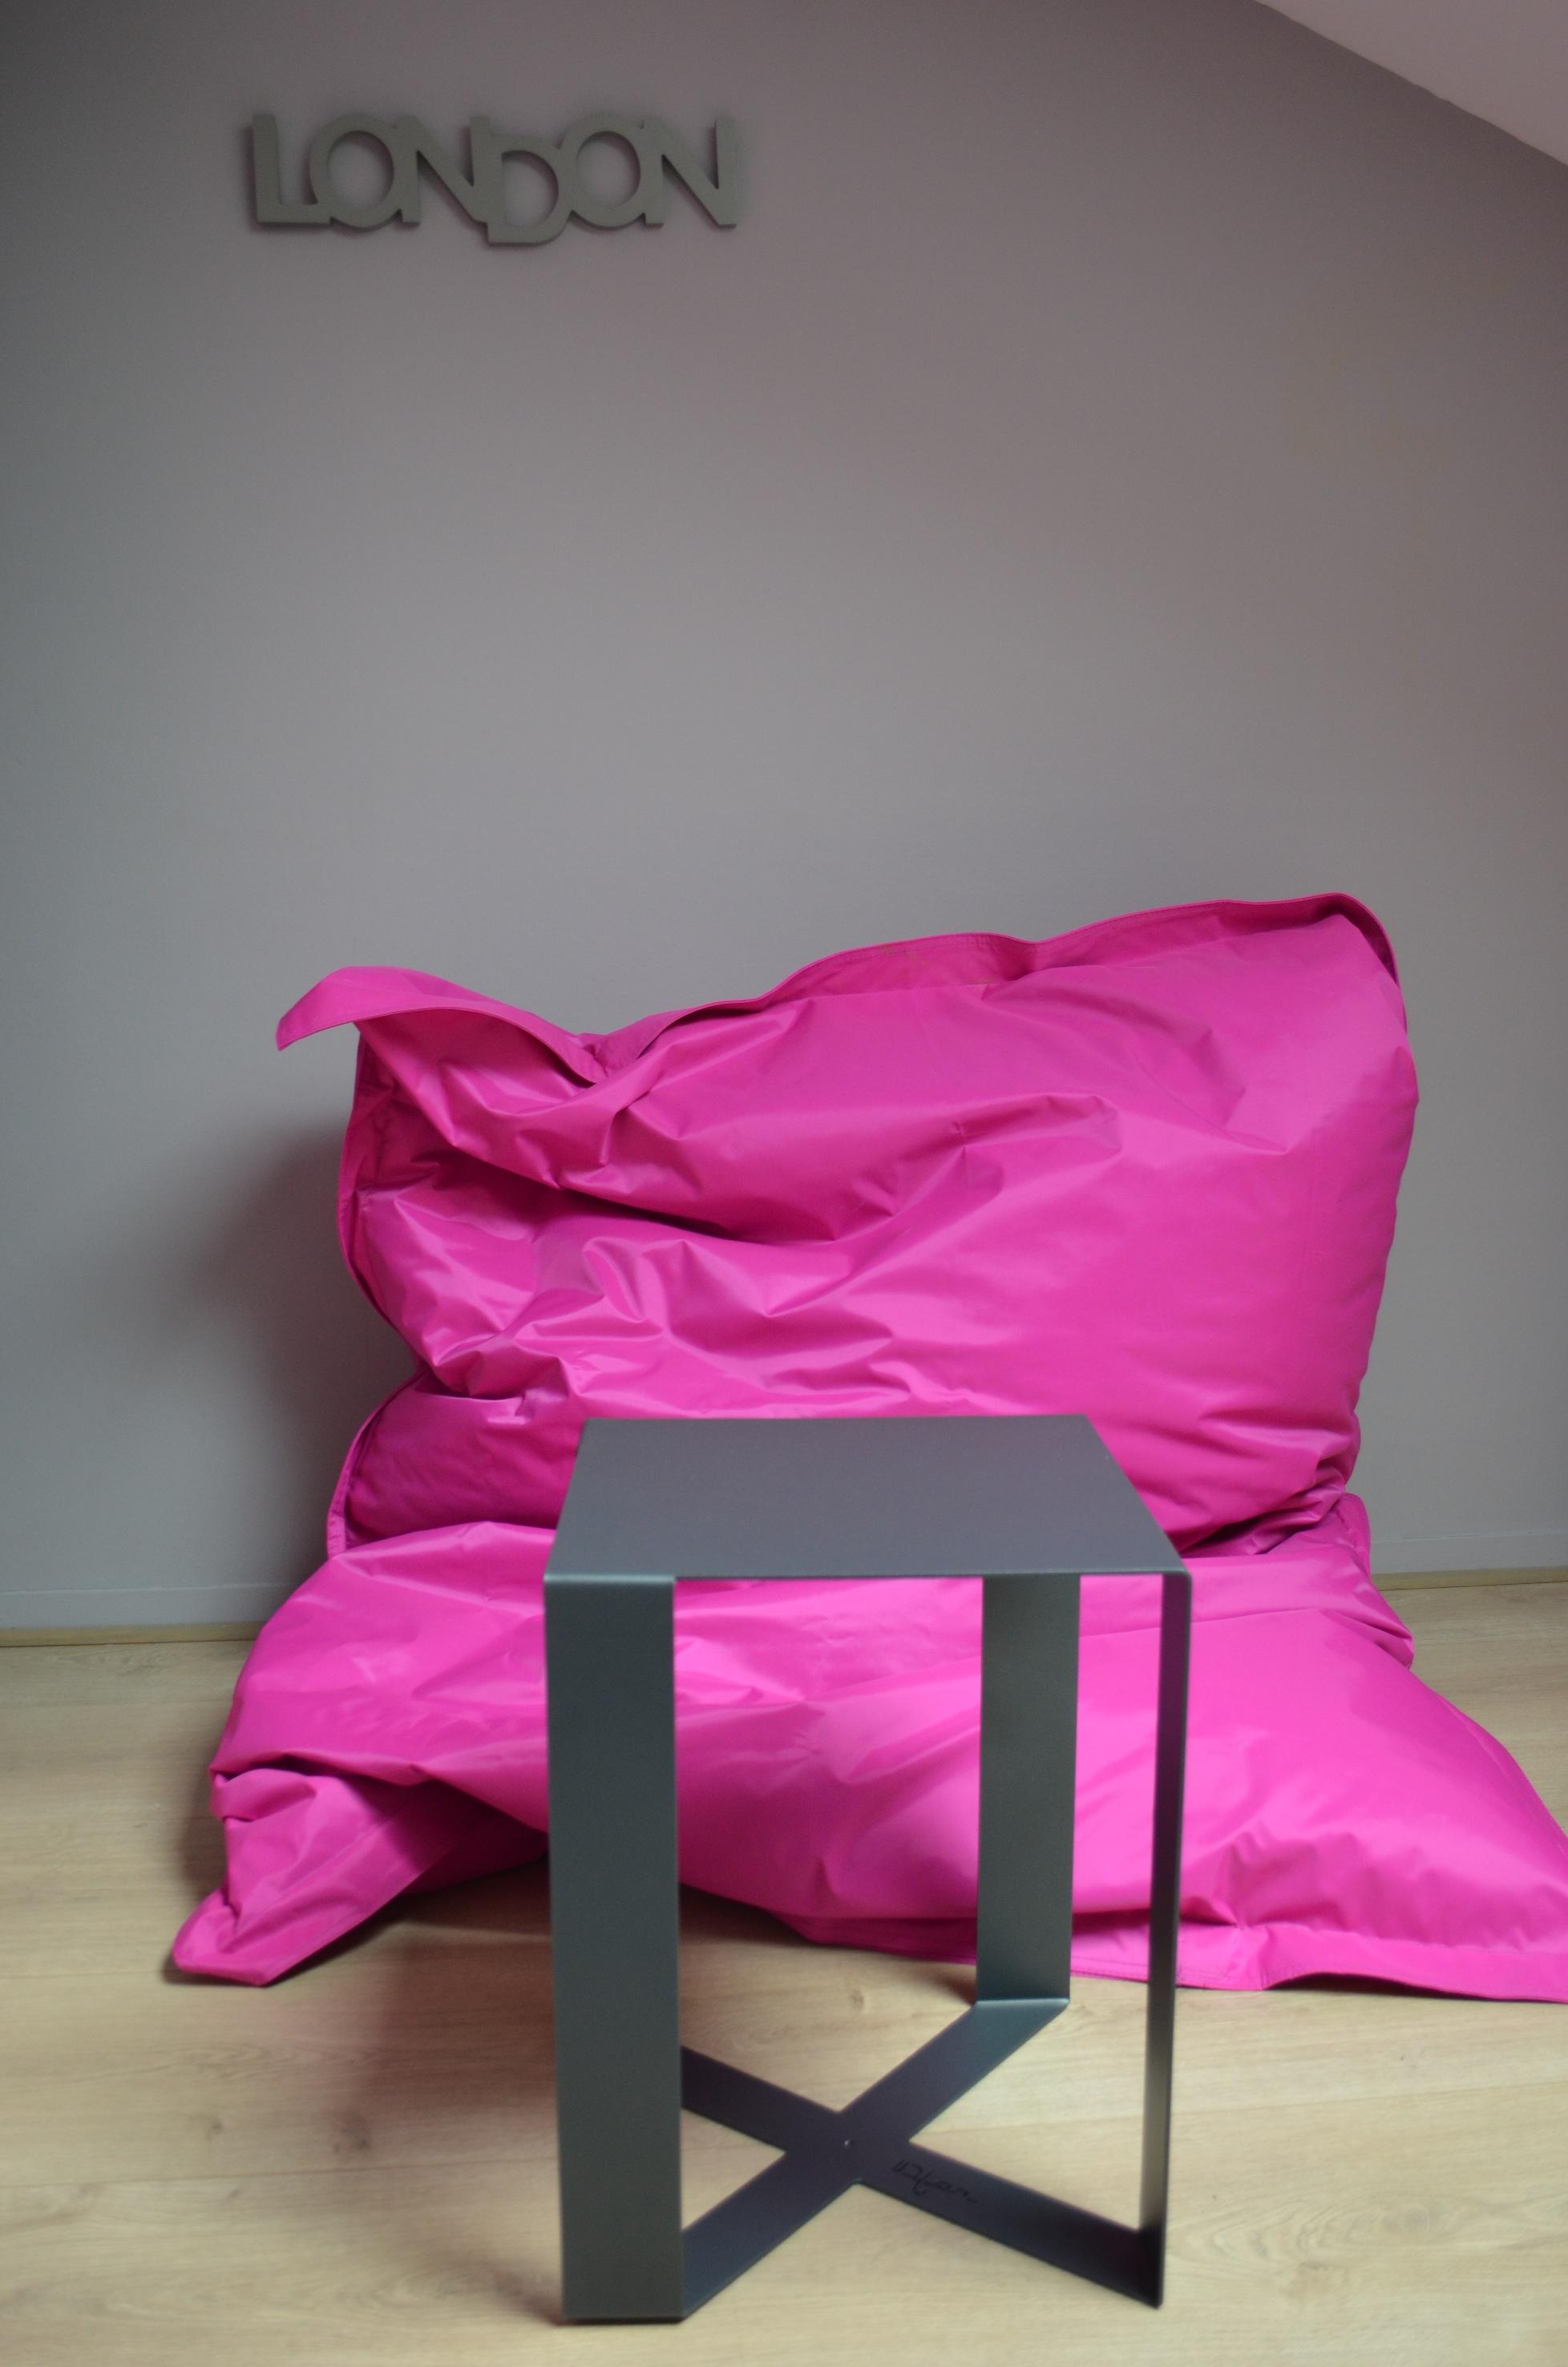 Chaise design int rieur ext rieur archives le blog d co for Emploi design interieur